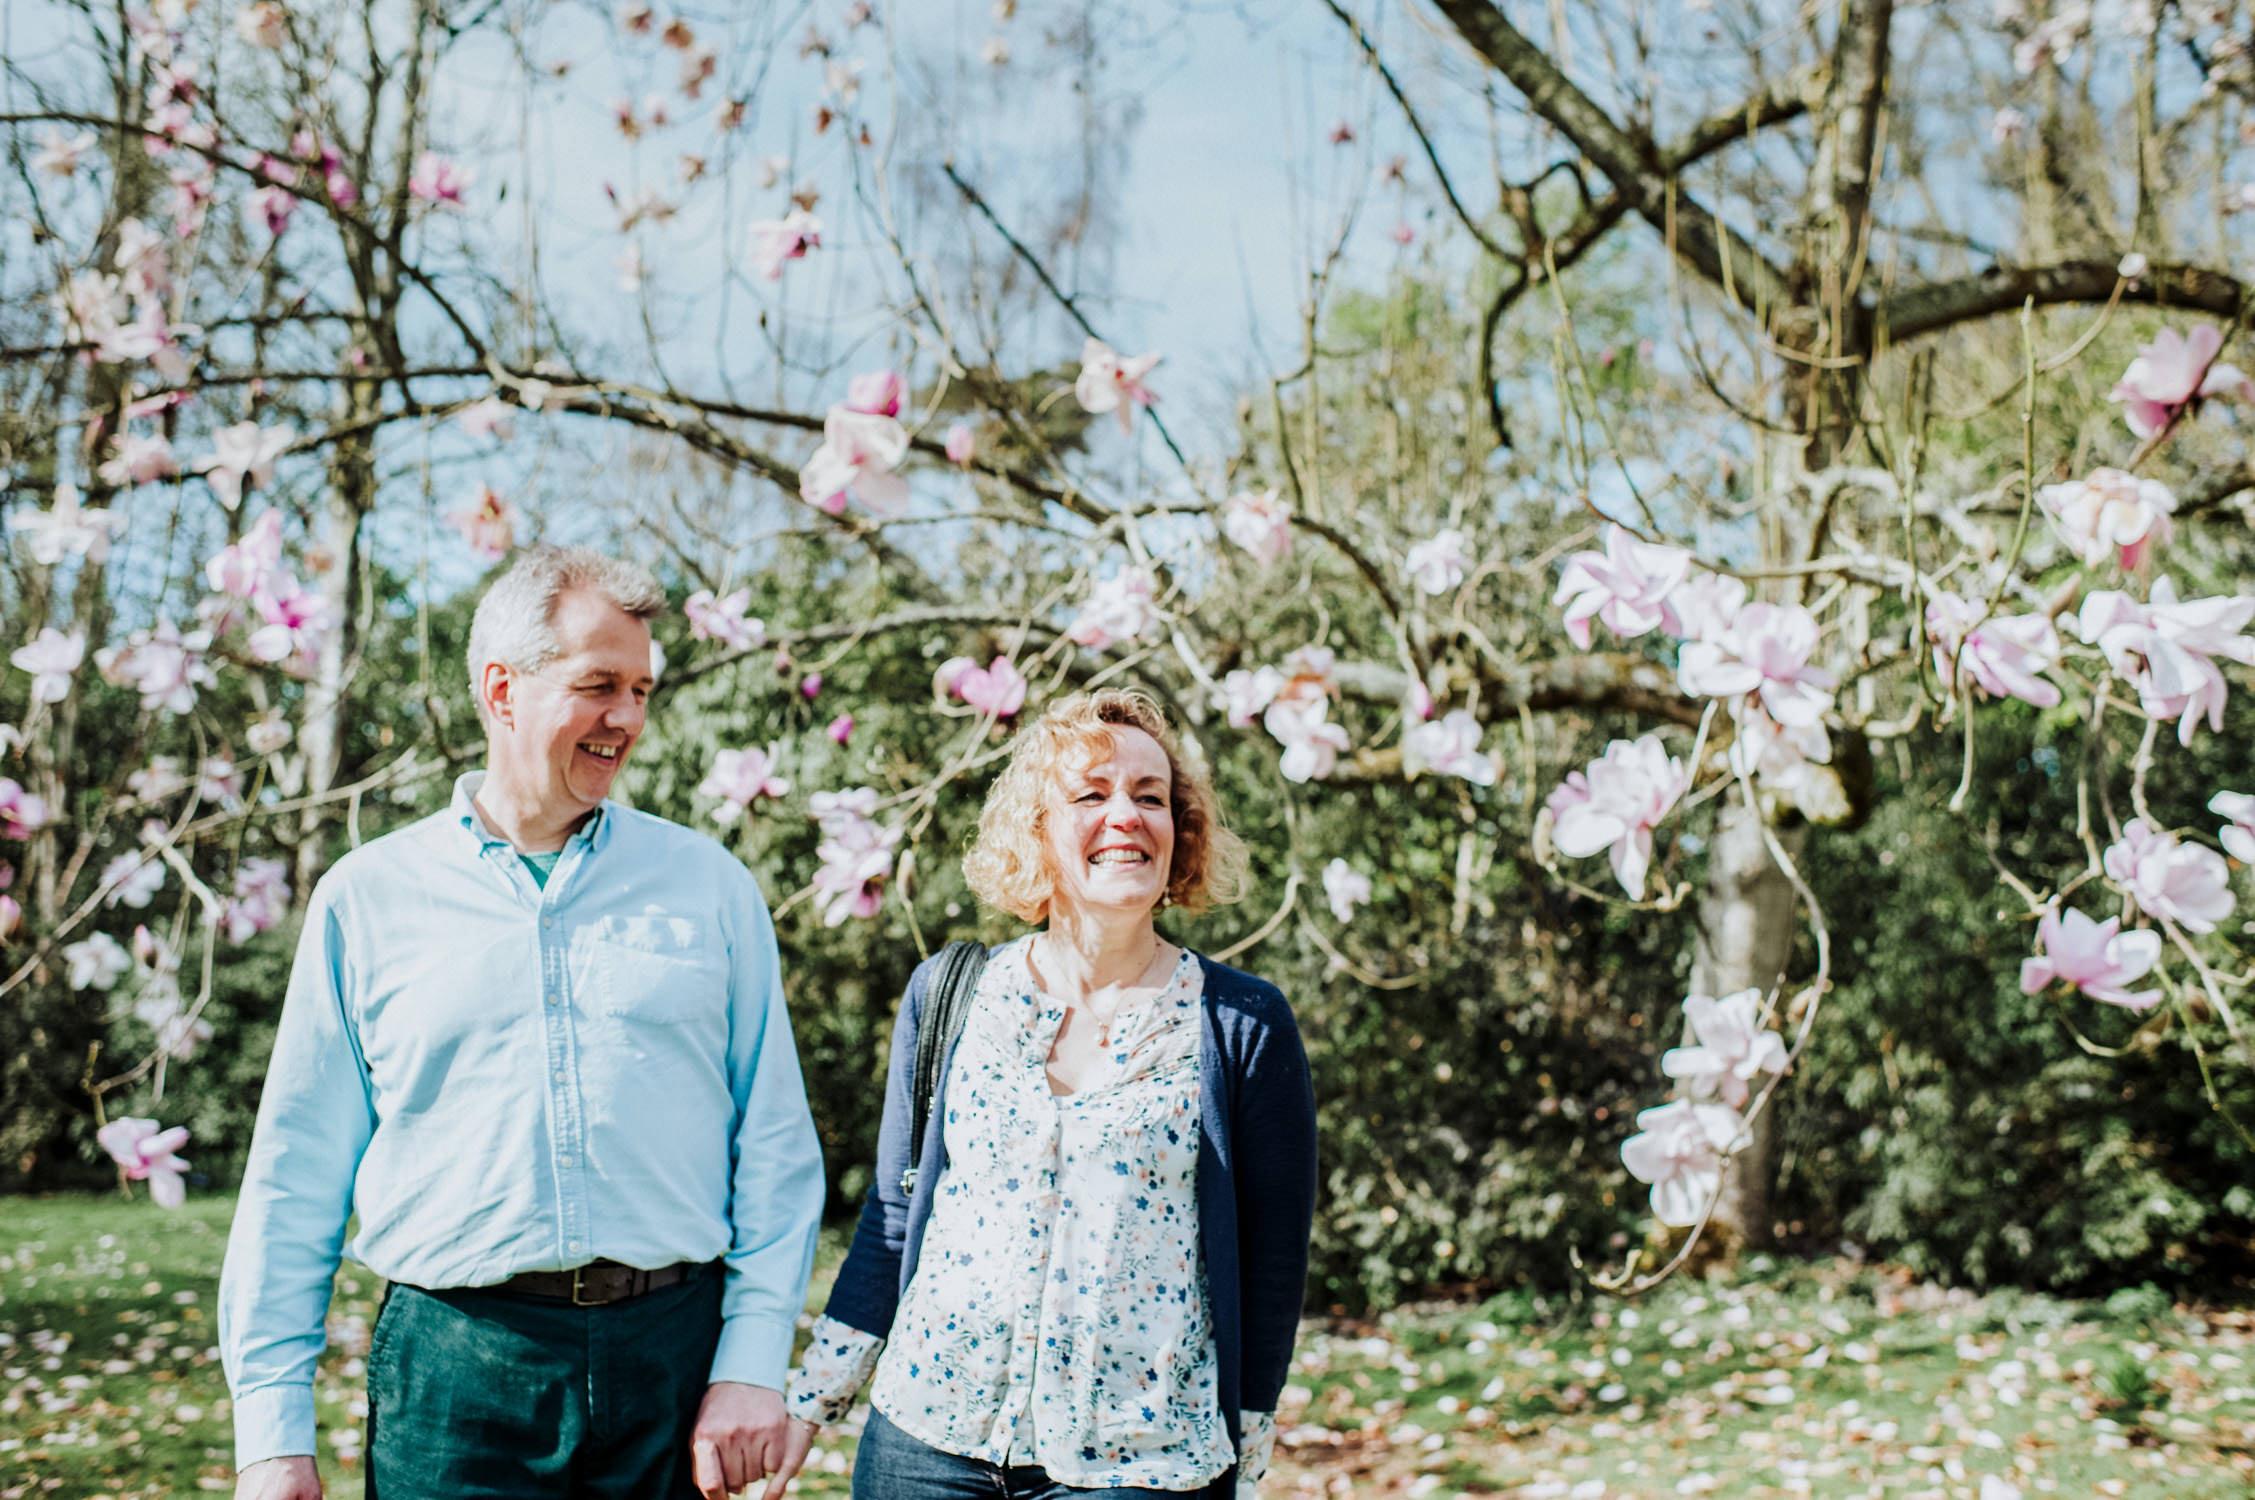 couple next to magnolia tree at knightshayes estate in Tiverton devon, tiverton wedding photographer